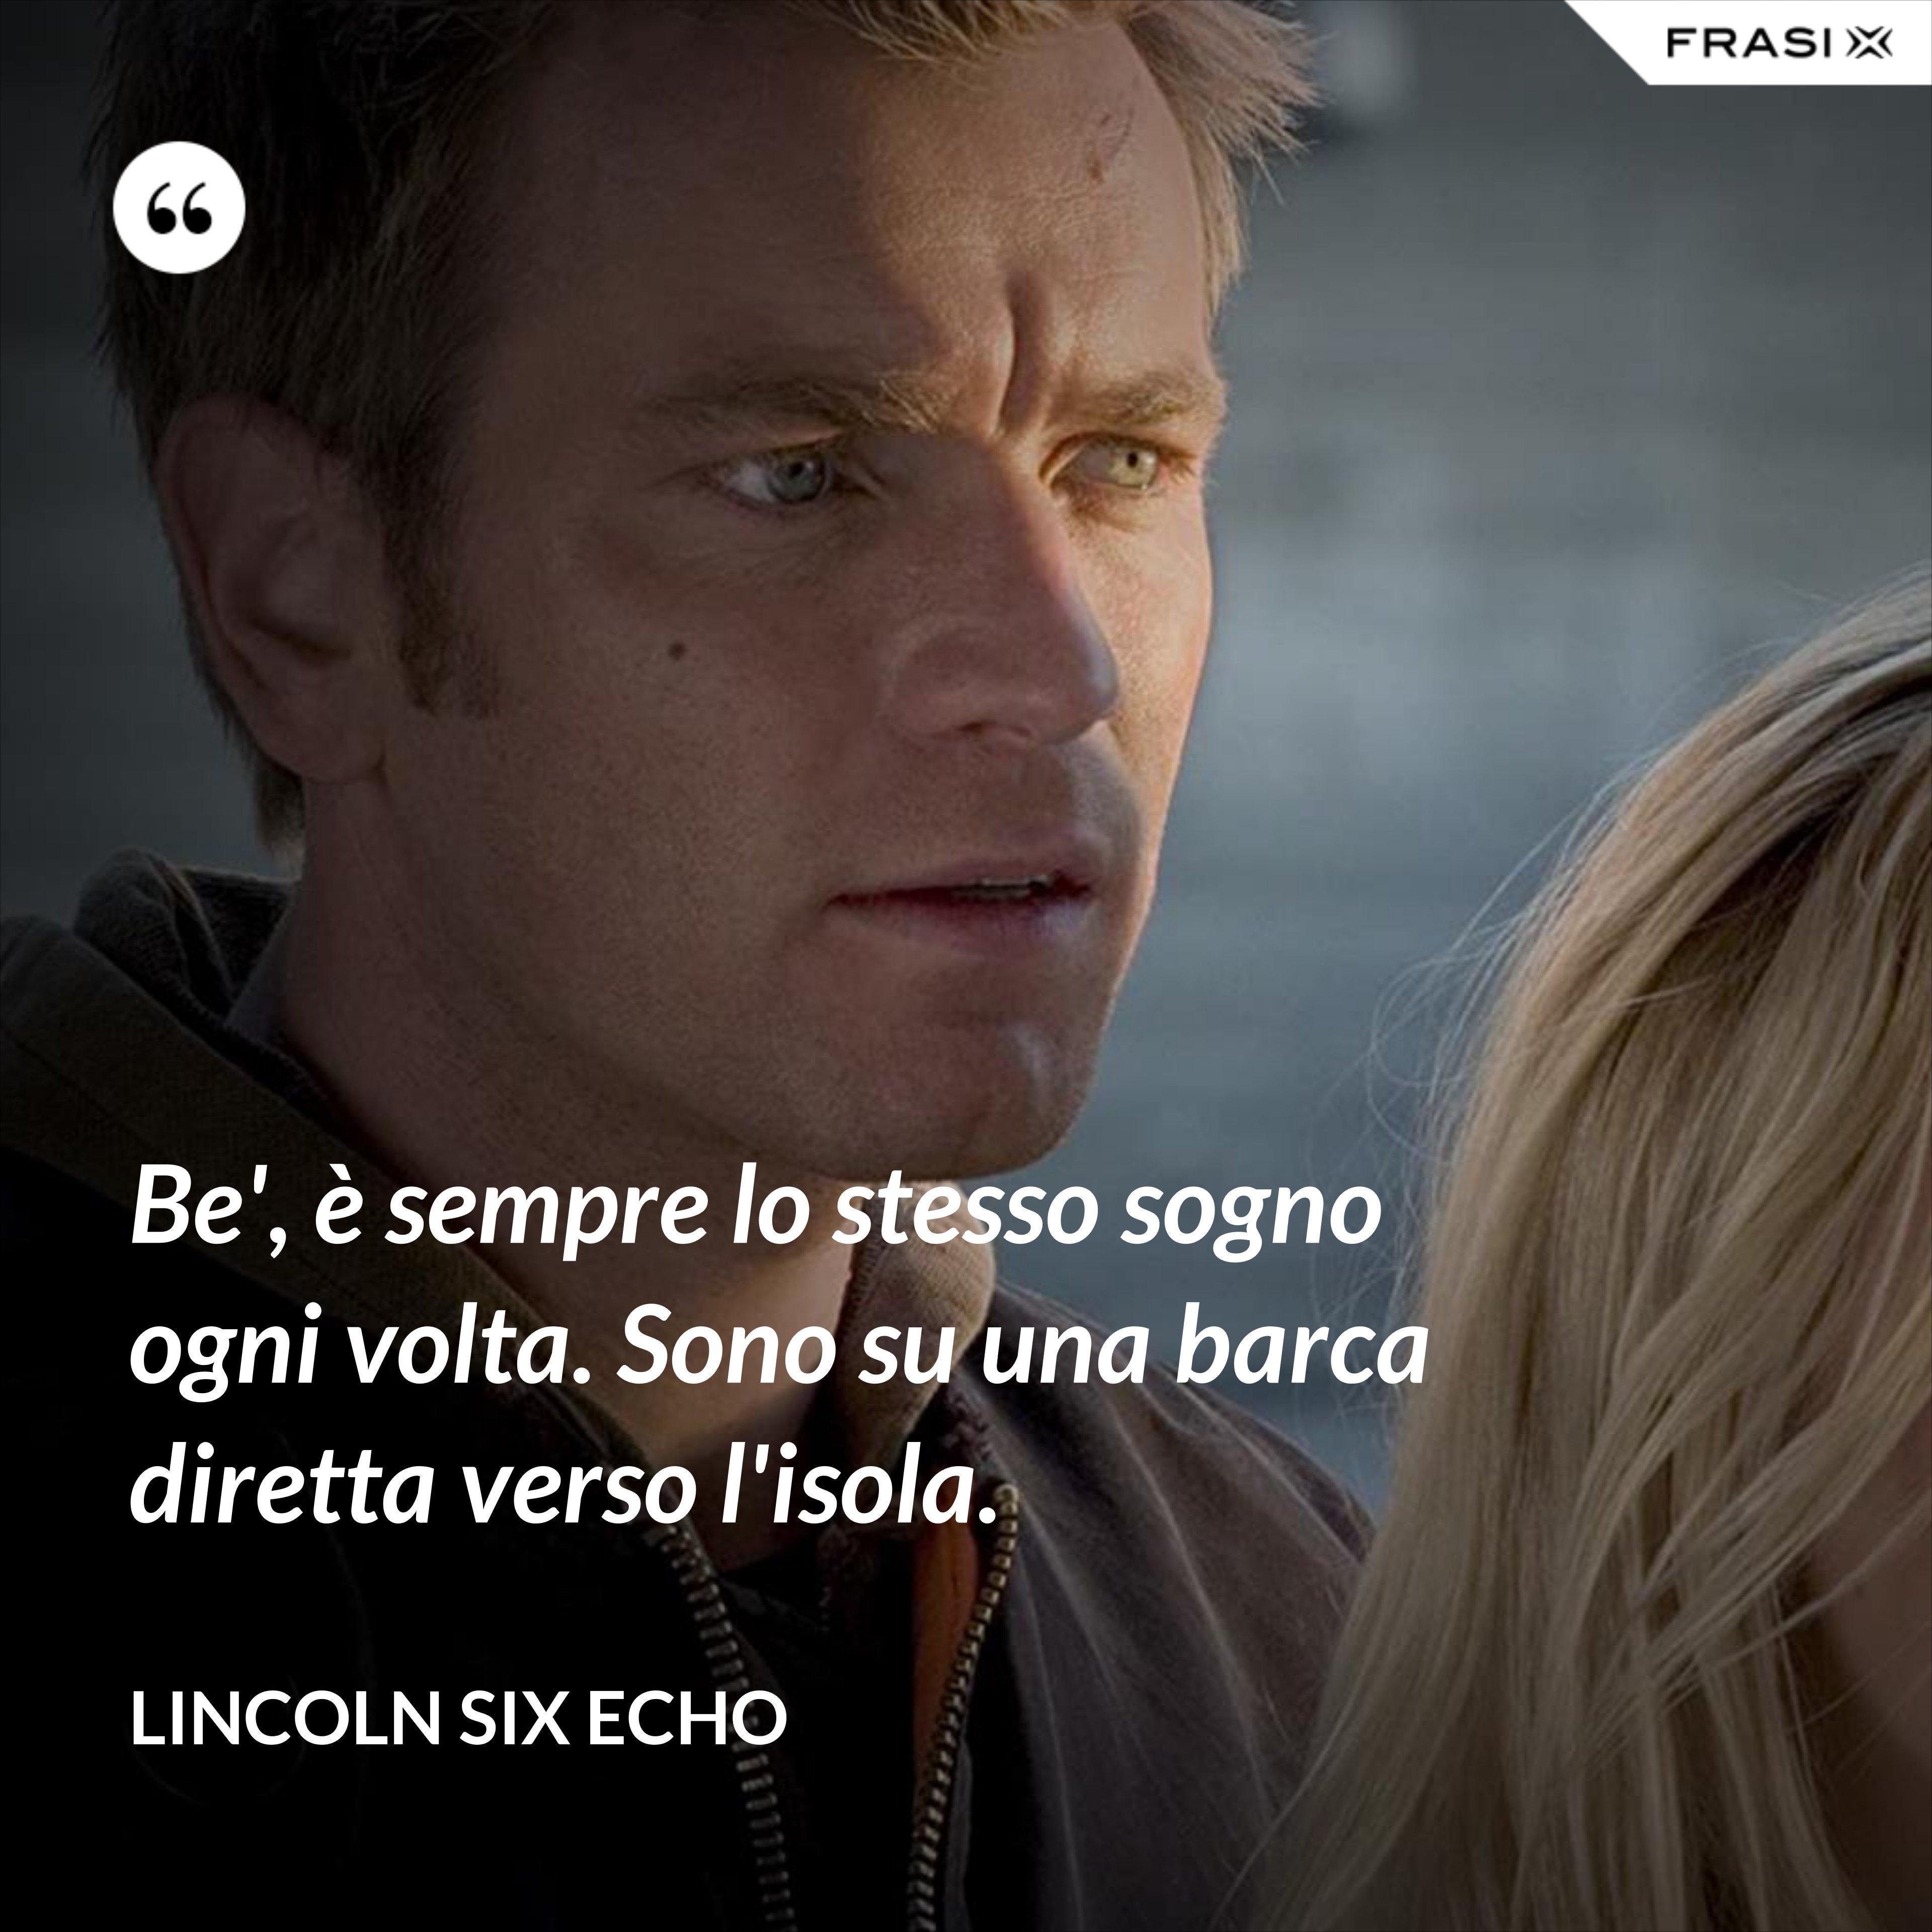 Be', è sempre lo stesso sogno ogni volta. Sono su una barca diretta verso l'isola. - Lincoln Six Echo